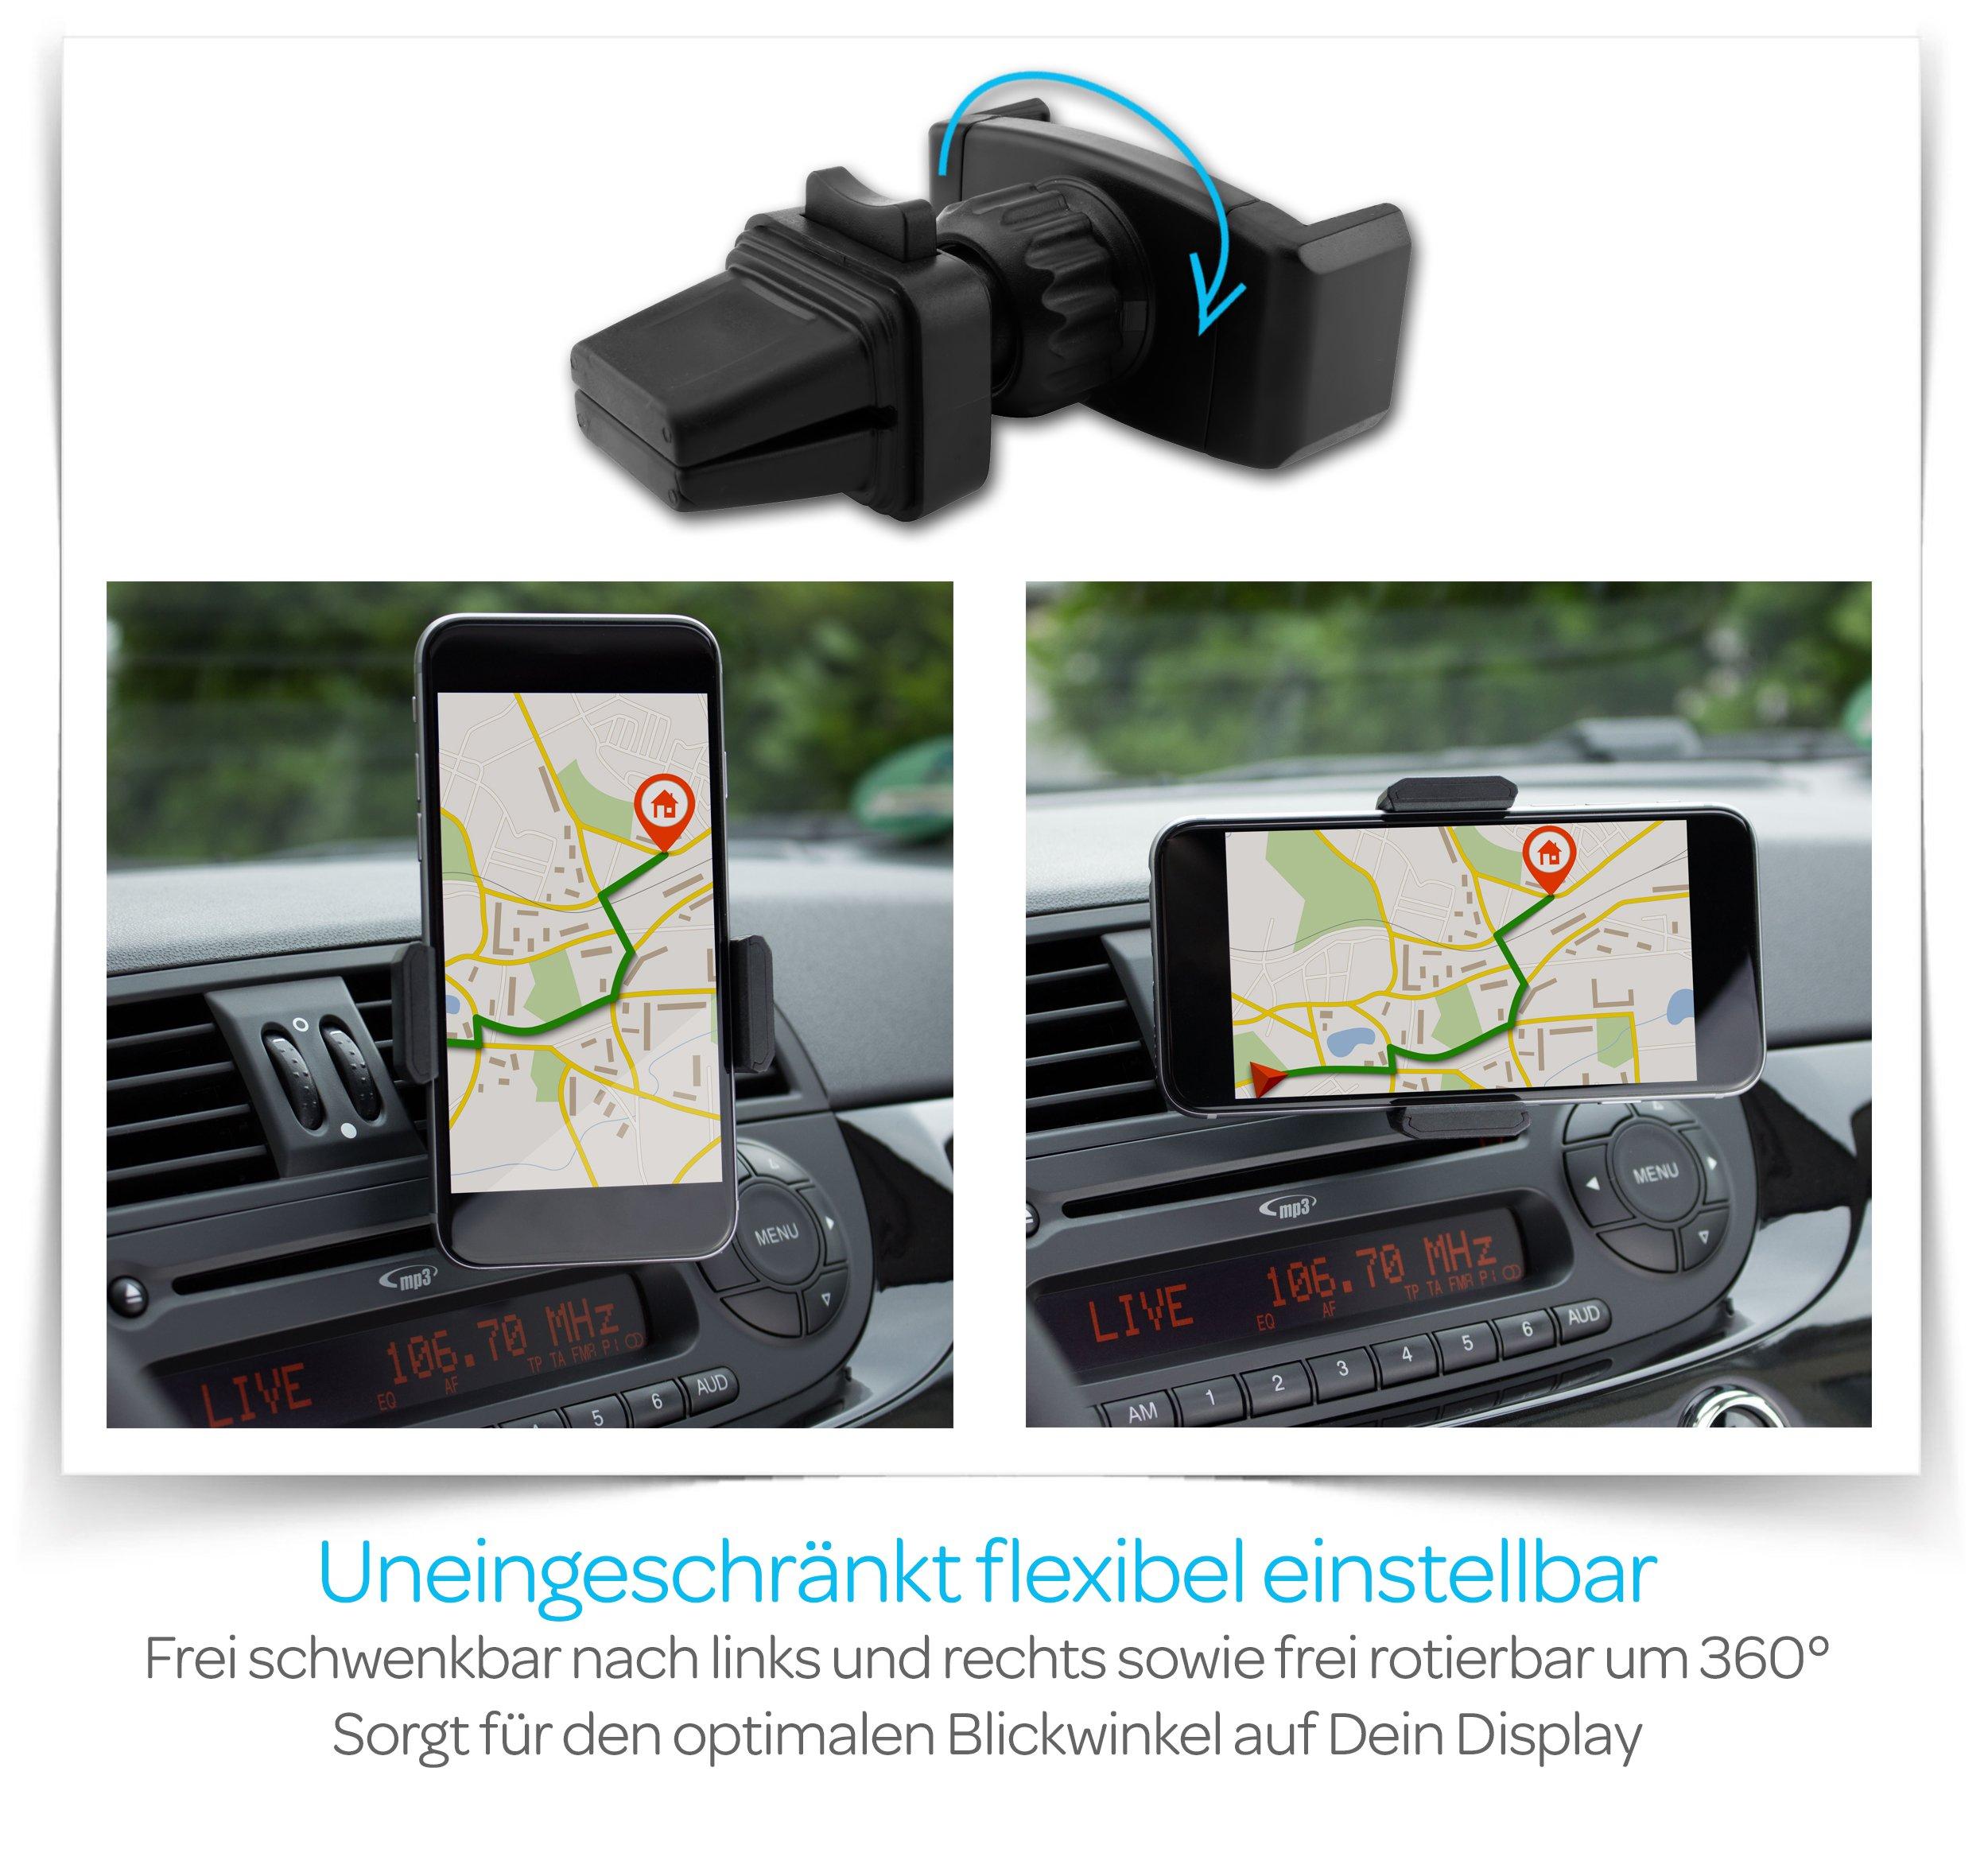 grooveclip-Die-hochwertige-Lftungshalterung-Original-AIR-Slider-Handyhalterung-Auto-Lftung-Handy-Halterung-Handy-Autohalterung-Smartphone-Halterung-KFZ-Halterung-Handy-Auto-Handyhalterung